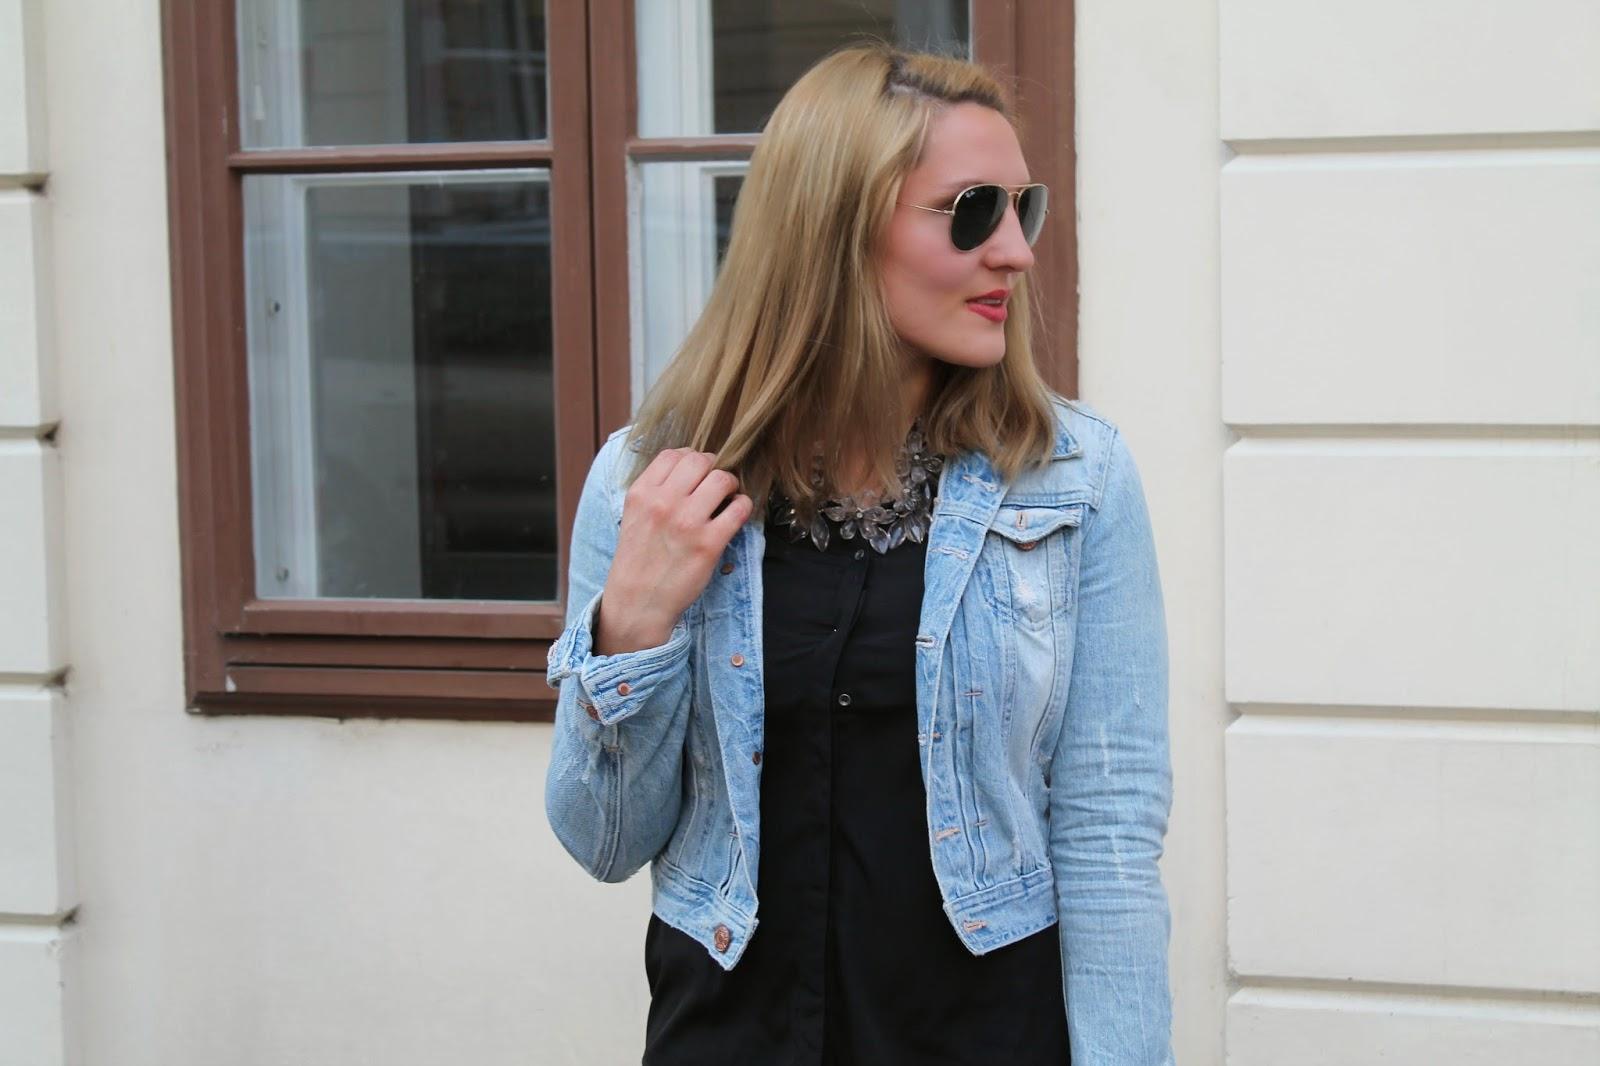 Fashionblogger Austria / Österreich / Deutsch / German / Kärnten / Carinthia / Klagenfurt / Köttmannsdorf / Spring Look / Classy / Edgy / Summer / Summer Style 2014 / Summer Look / Fashionista Look / Oasap Statement Necklace / Zara / Only / H&M / Ray Ban /